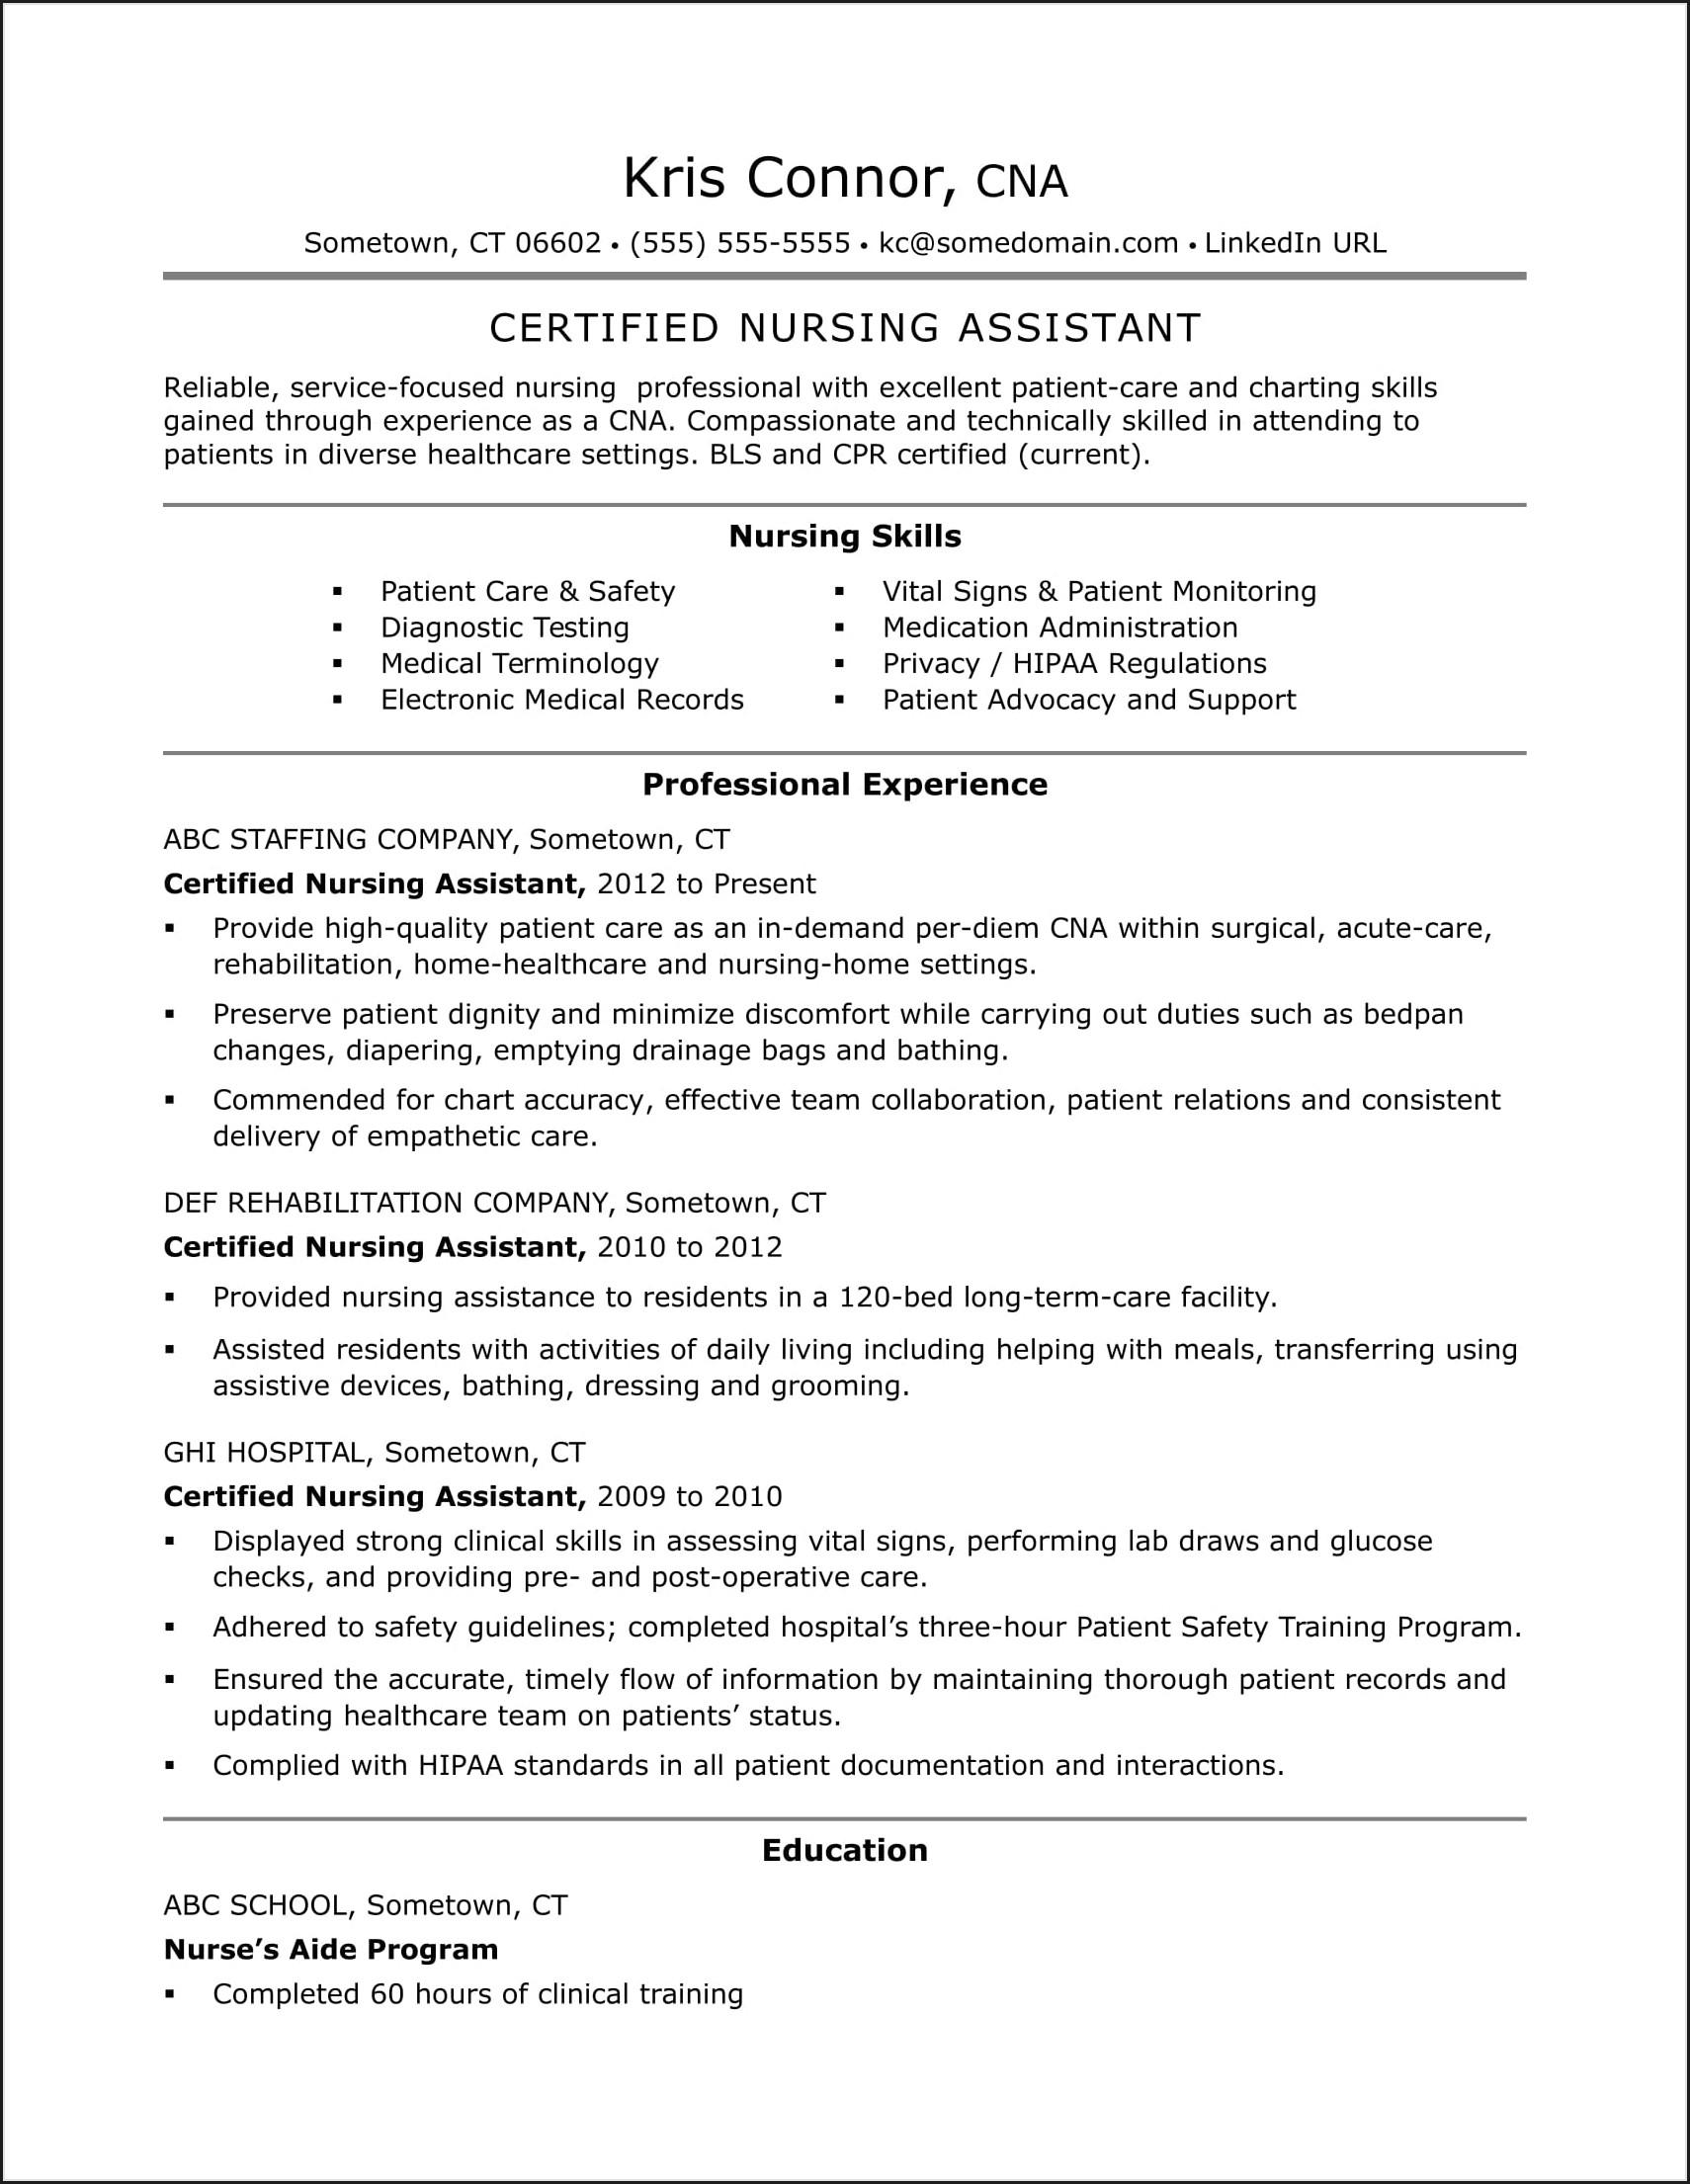 Resume Cna Job Skills